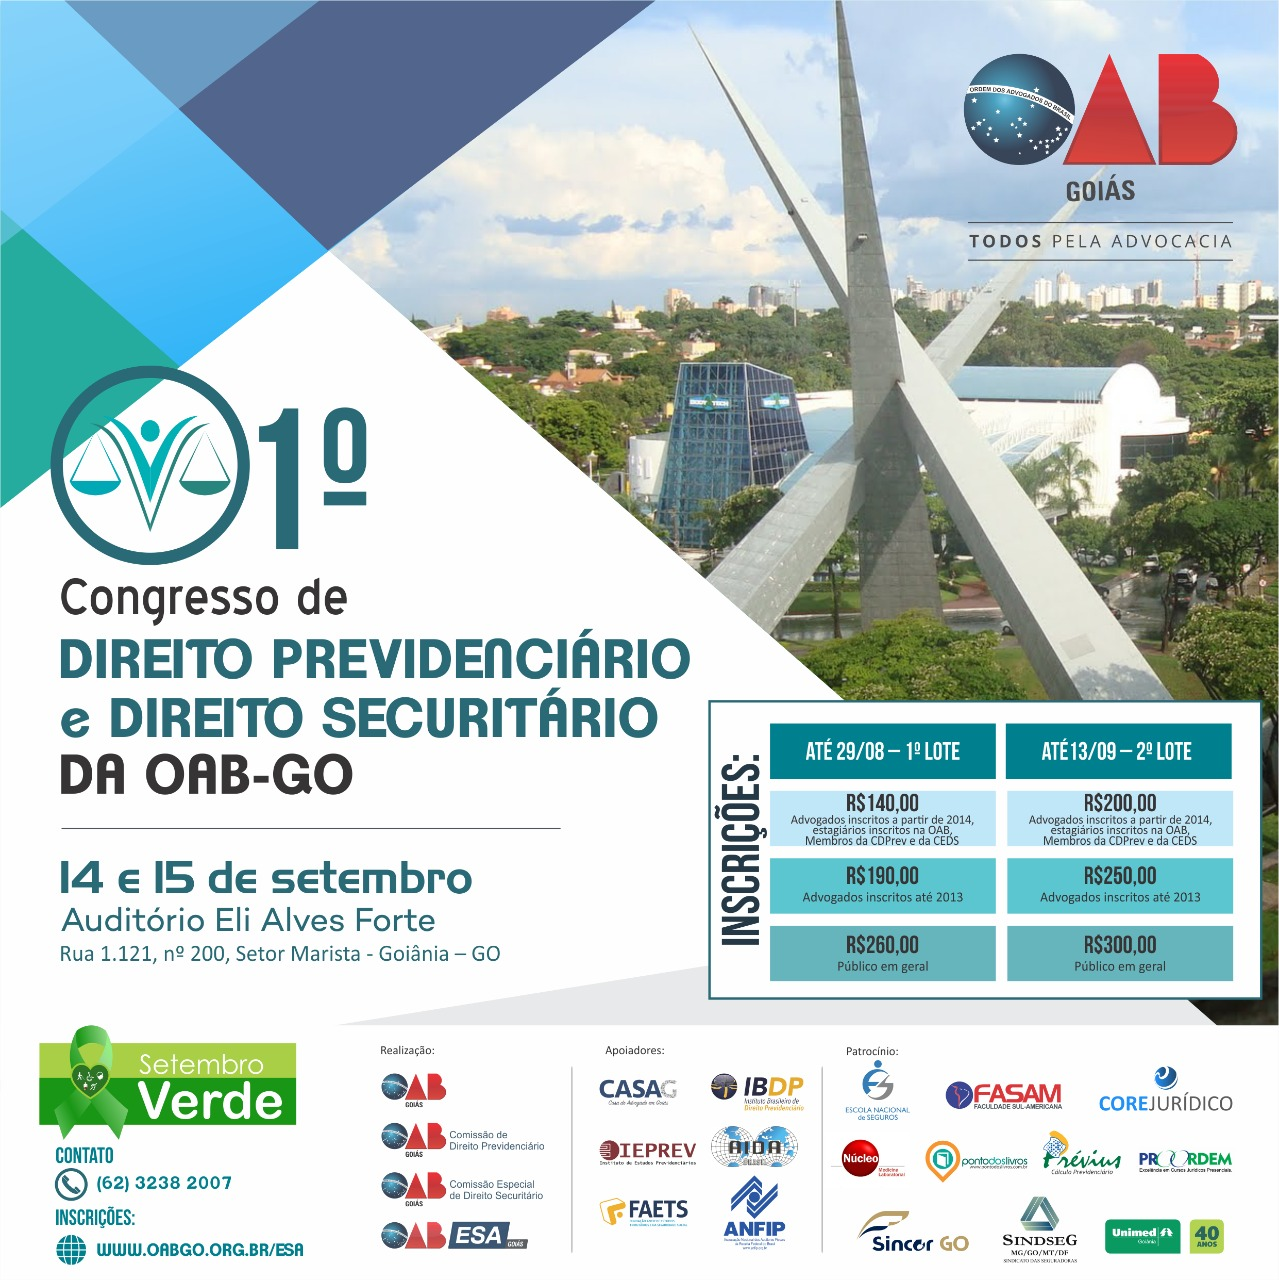 14 e 15.09 - 1º Congresso de Direito Previdenciário e Direito Securitário da OAB-GO